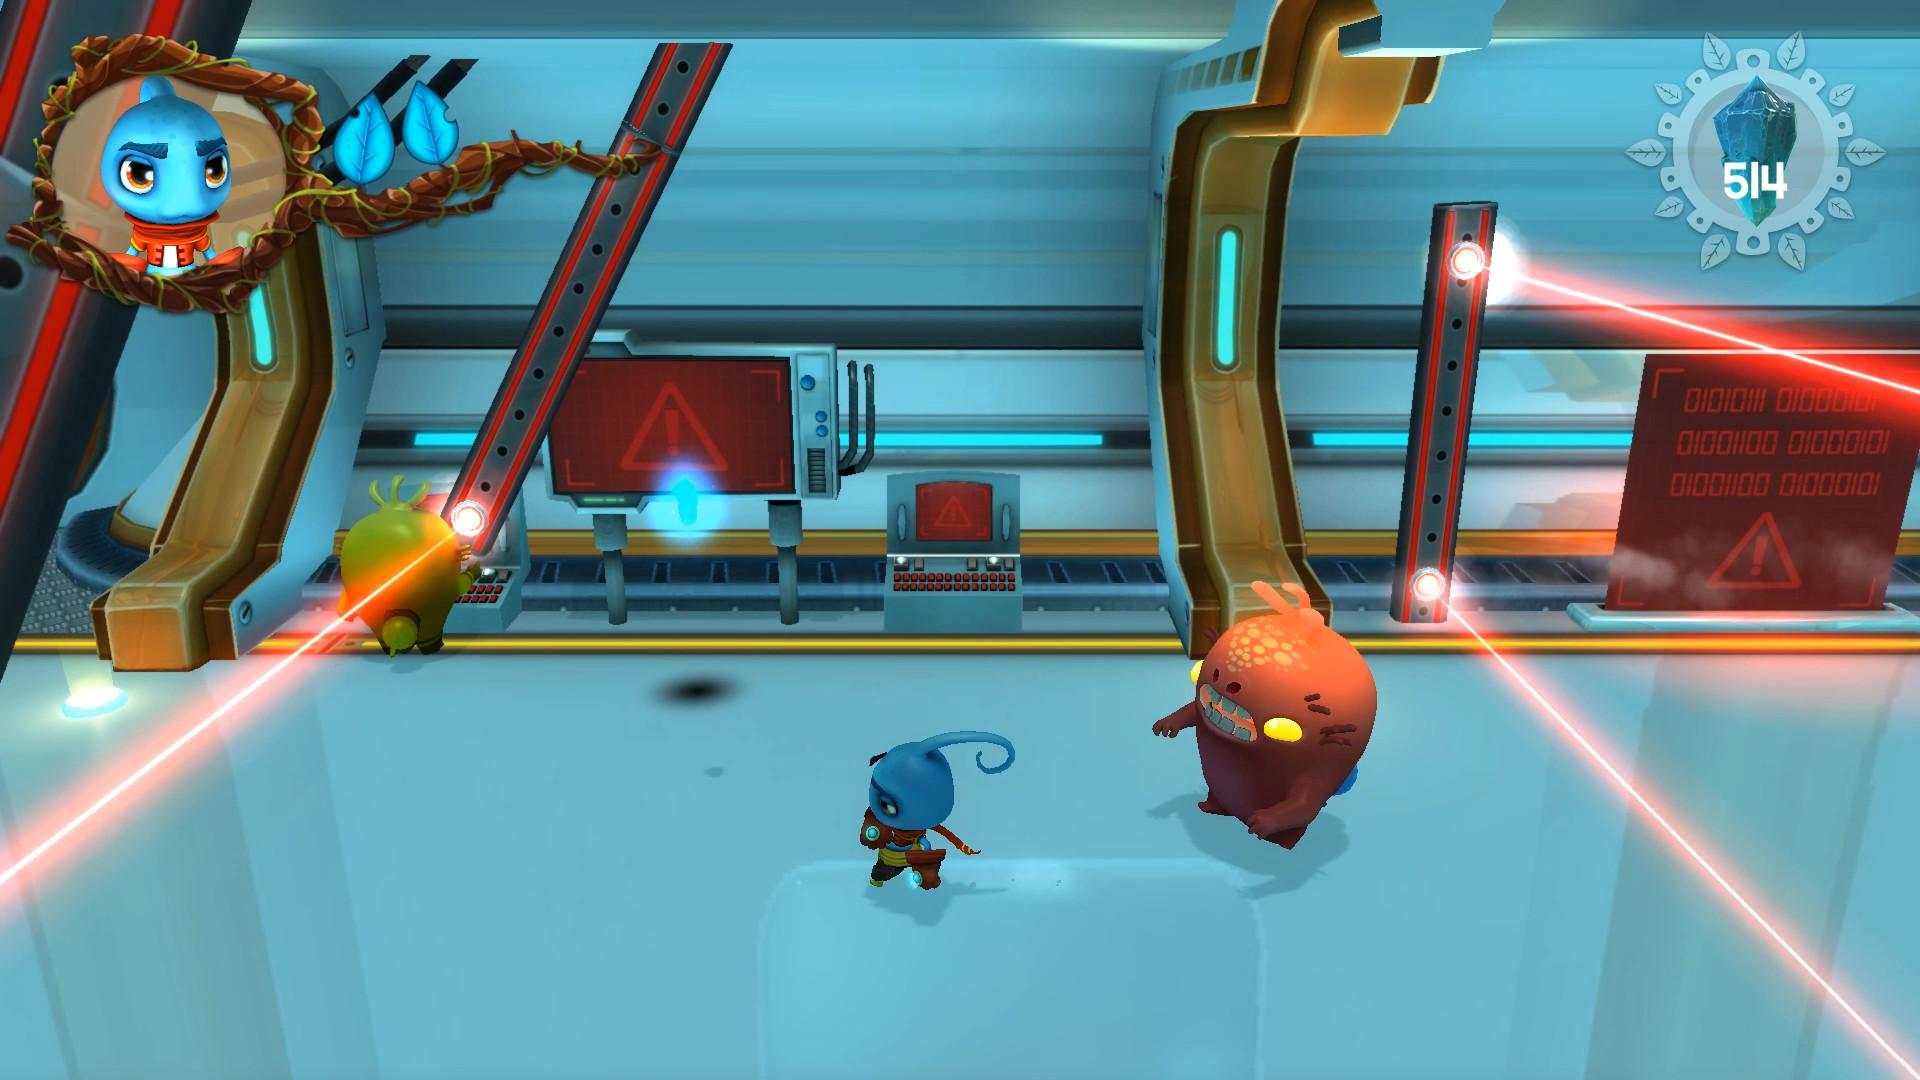 com.steam.409520-screenshot